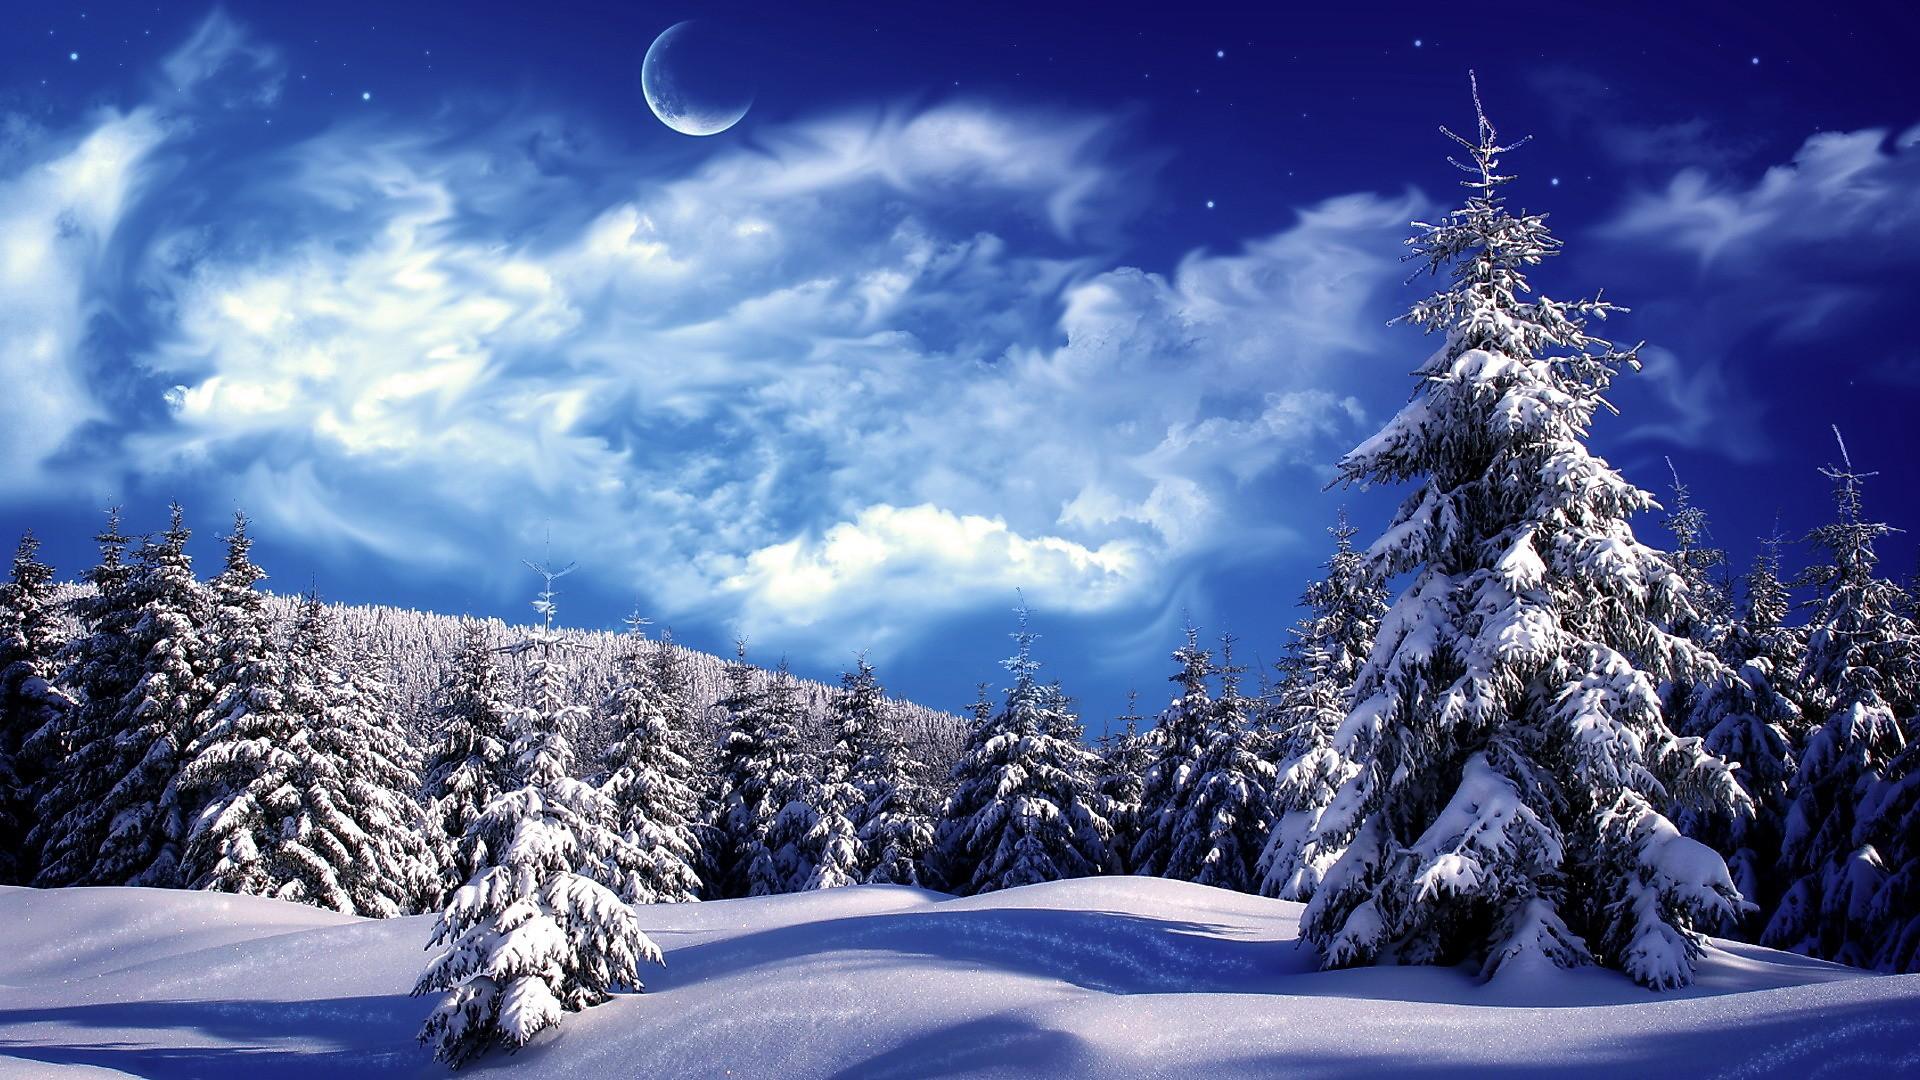 Snowy Winter Scenes Wallpaper | Snowy wonderland, mountain, scene, sky, snow ,